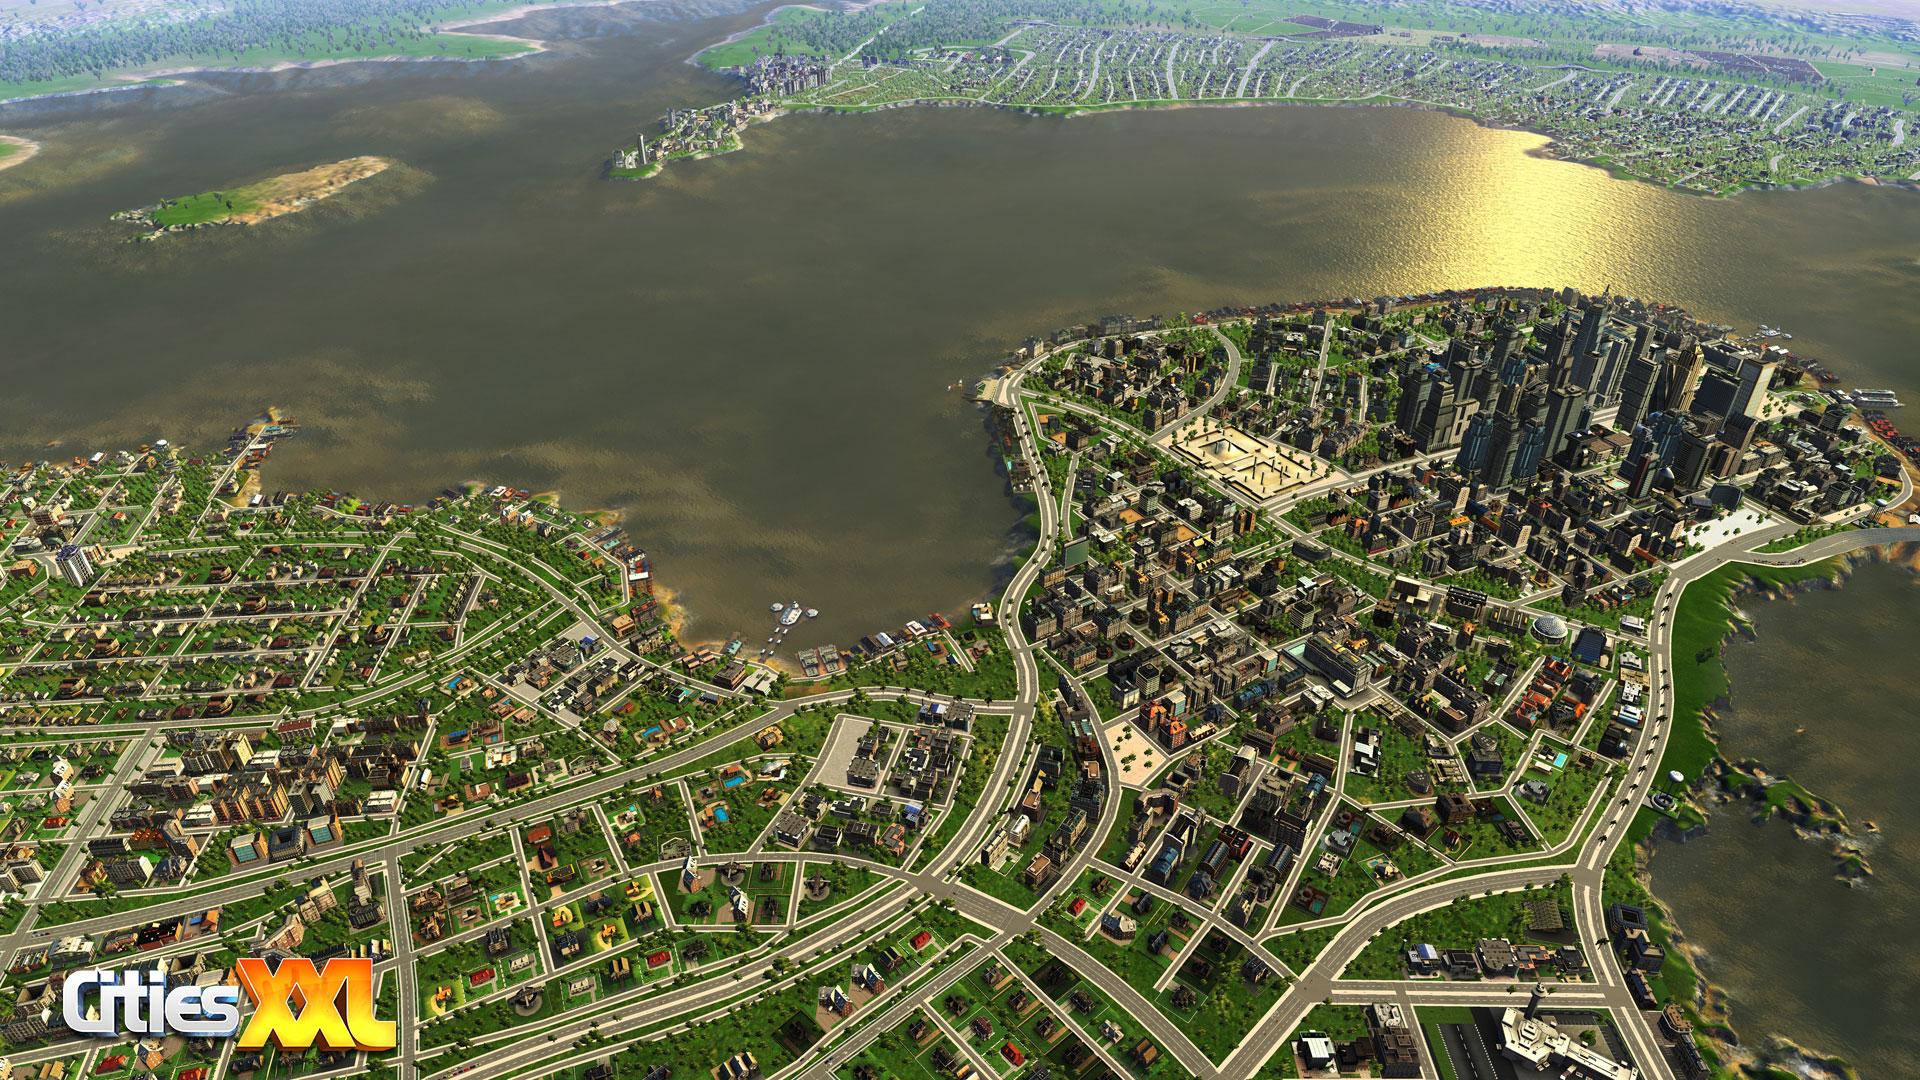 Cities XXL llega en 2015